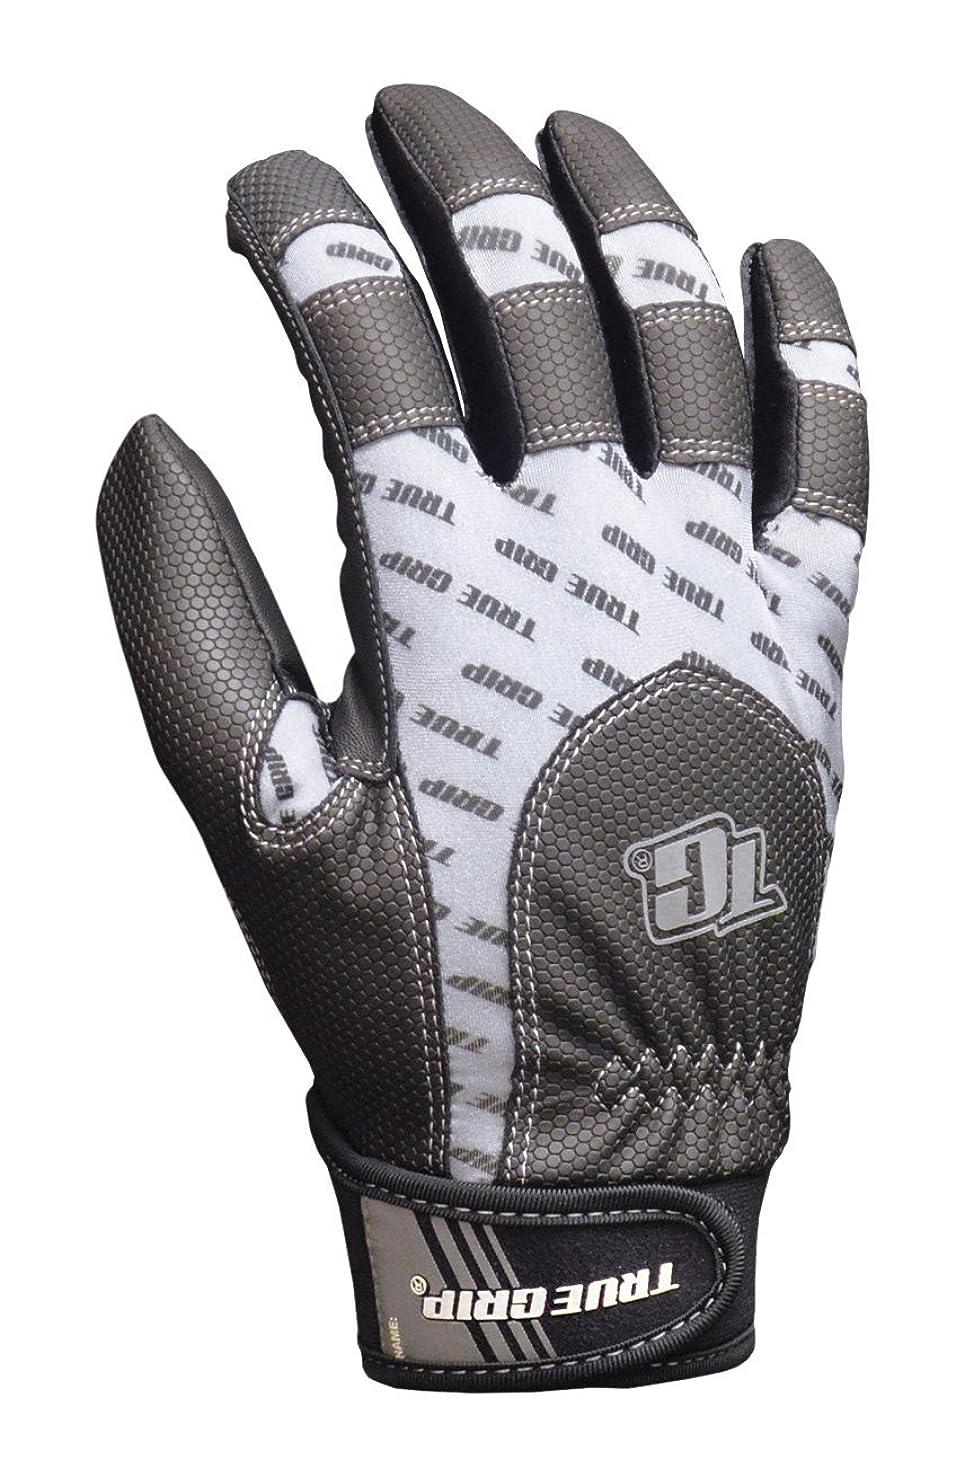 True Grip 9896 TG Extreme Work Gloves, Medium